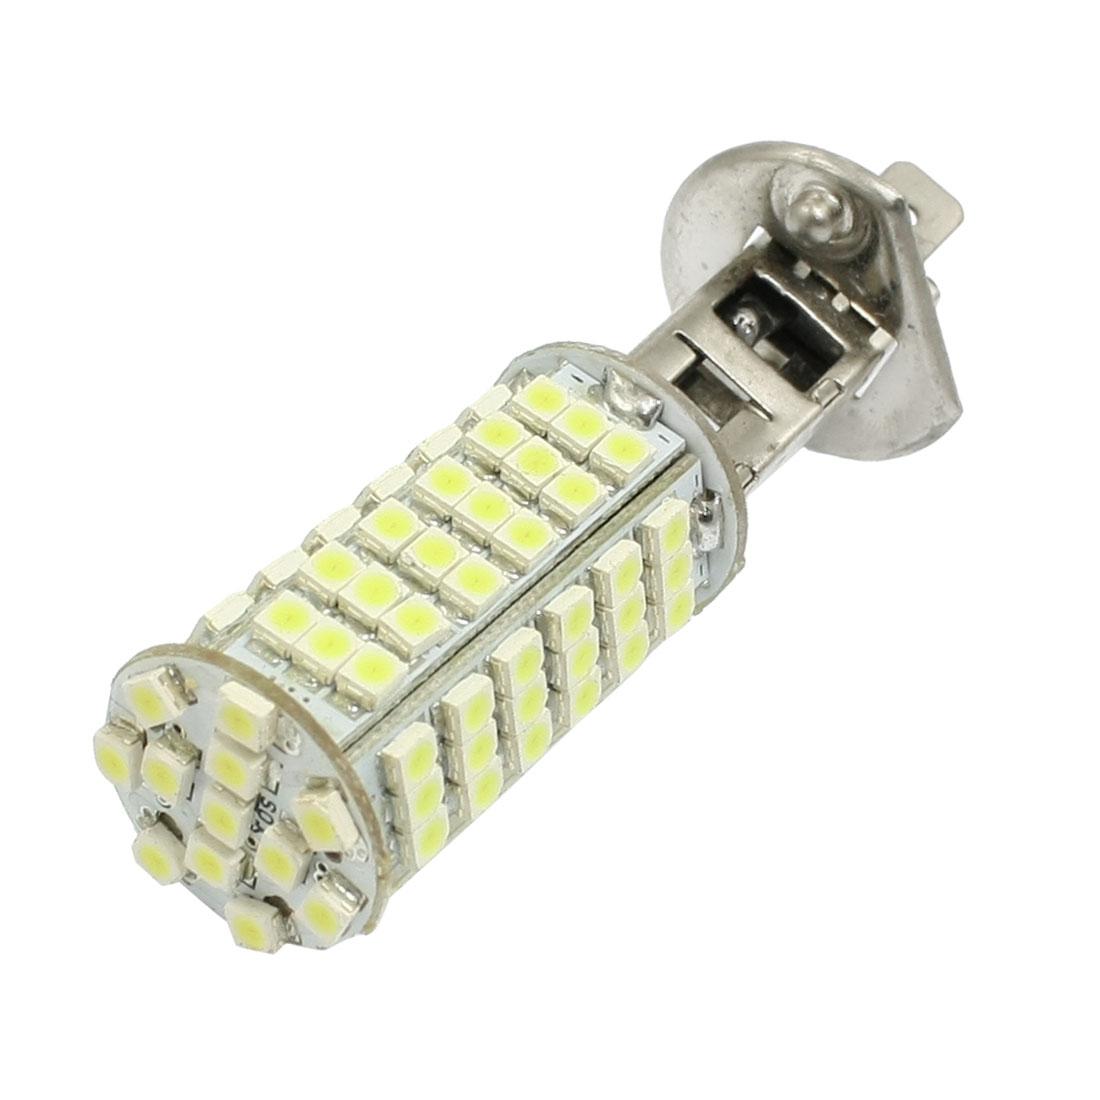 White H1 1210 3528 SMD 102 LED Fog Lamp Headlight for Car